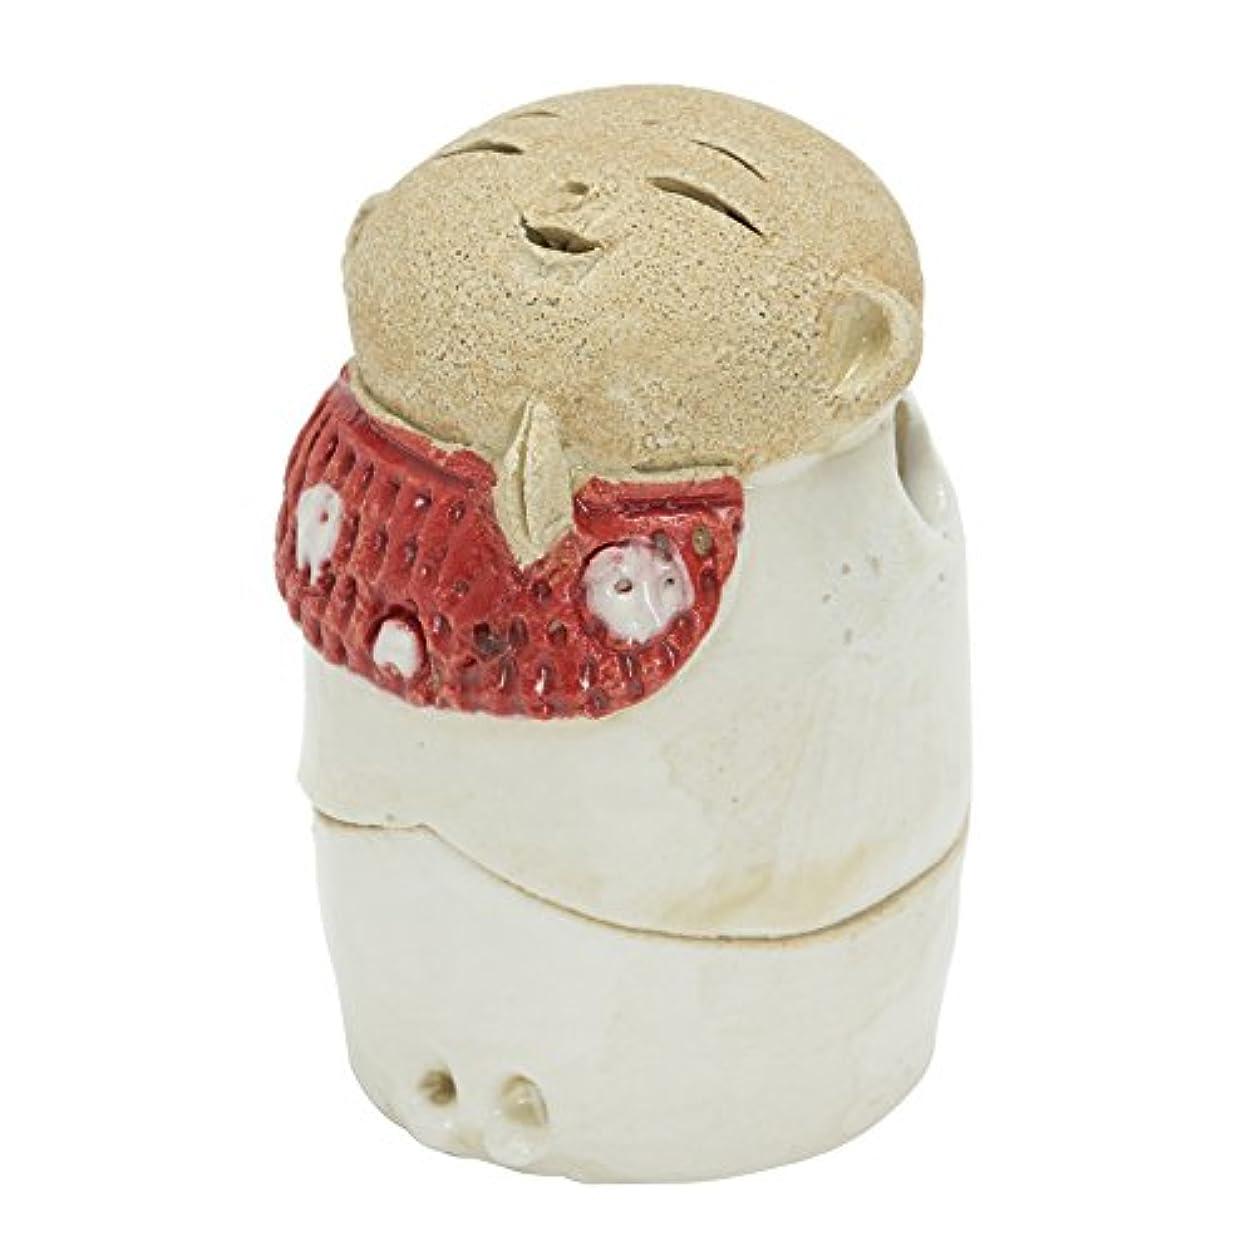 形状可能にするアノイお地蔵様 香炉シリーズ 前掛 お地蔵様 香炉 2.2寸(わらべ) [H6.5cm] HANDMADE プレゼント ギフト 和食器 かわいい インテリア